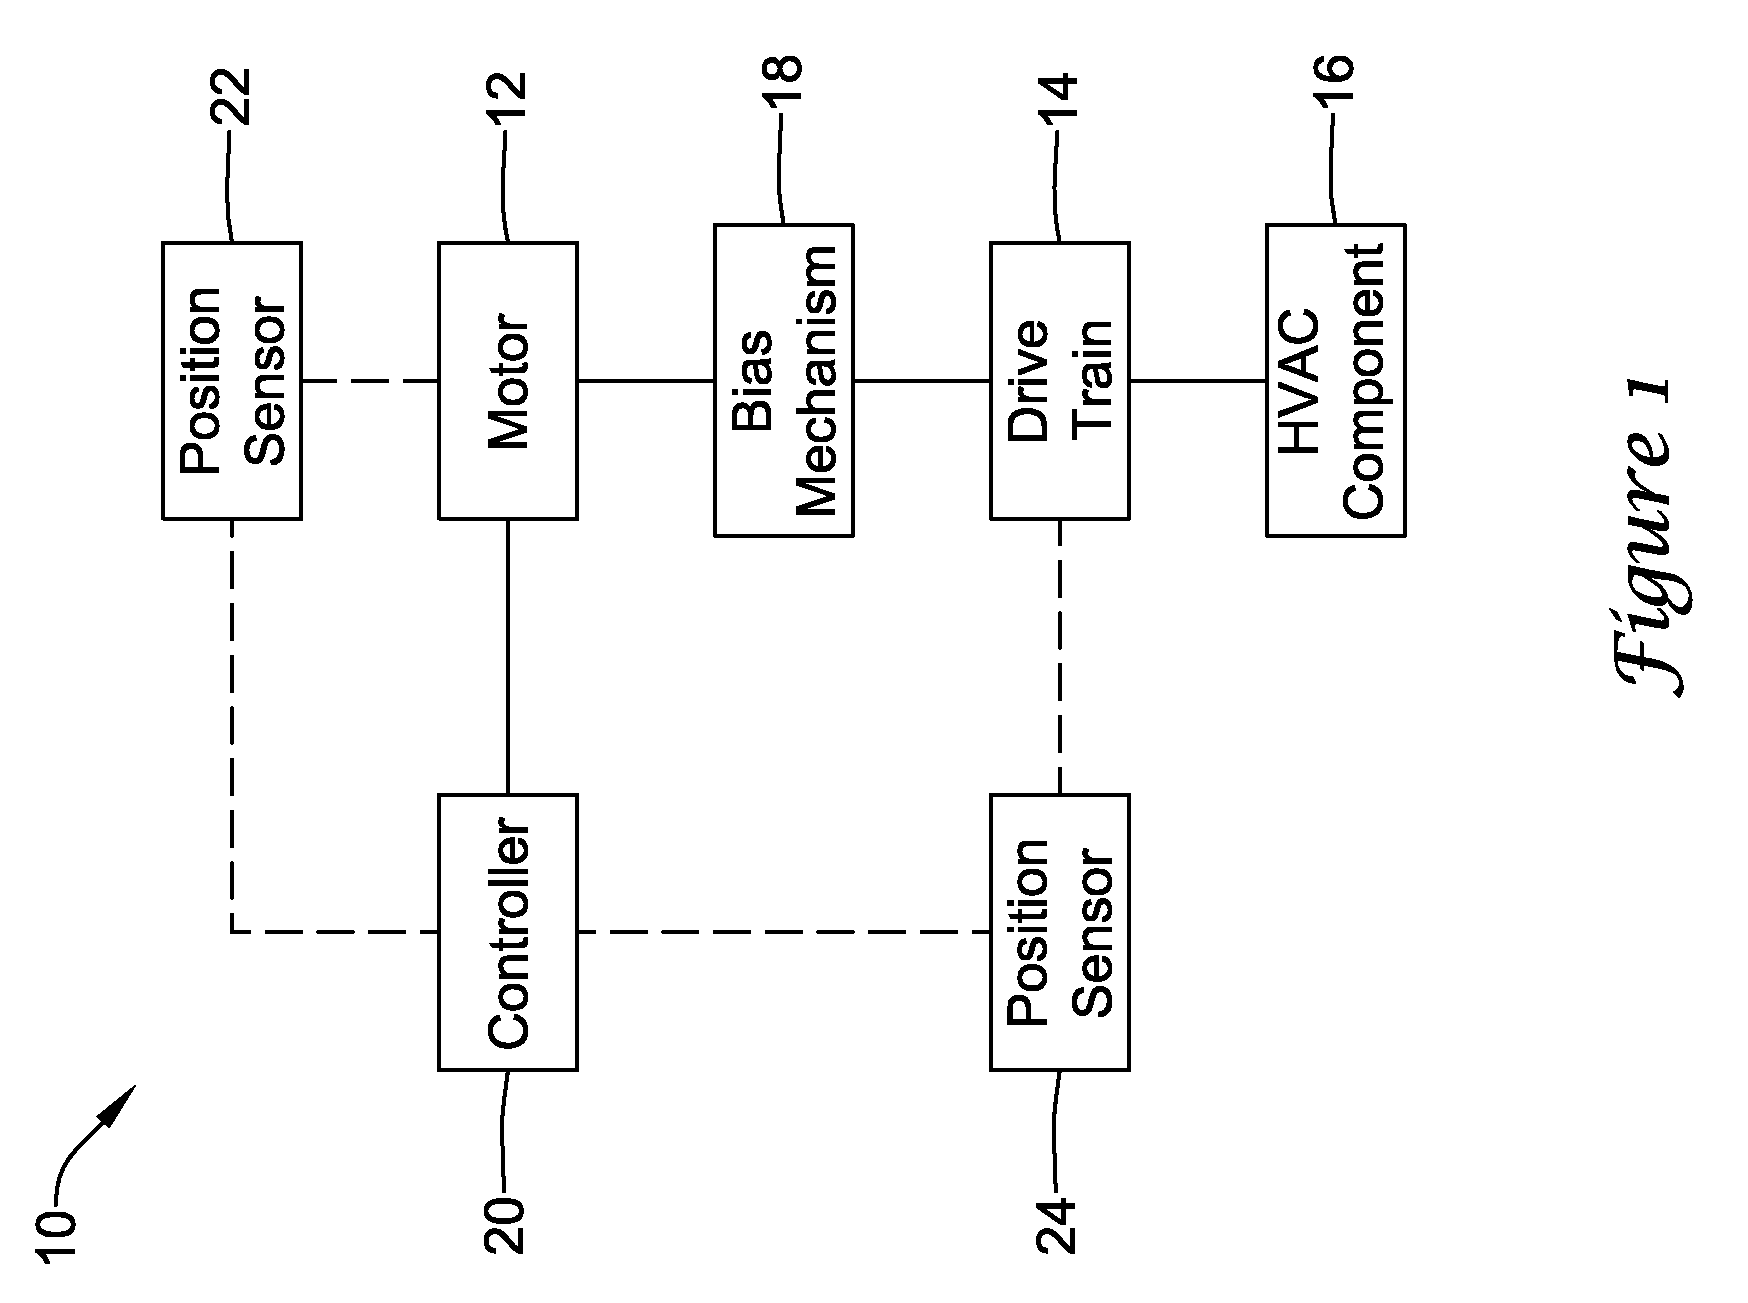 Fein Steuerungssystem Blockdiagrammreduktion Zeitgenössisch - Der ...